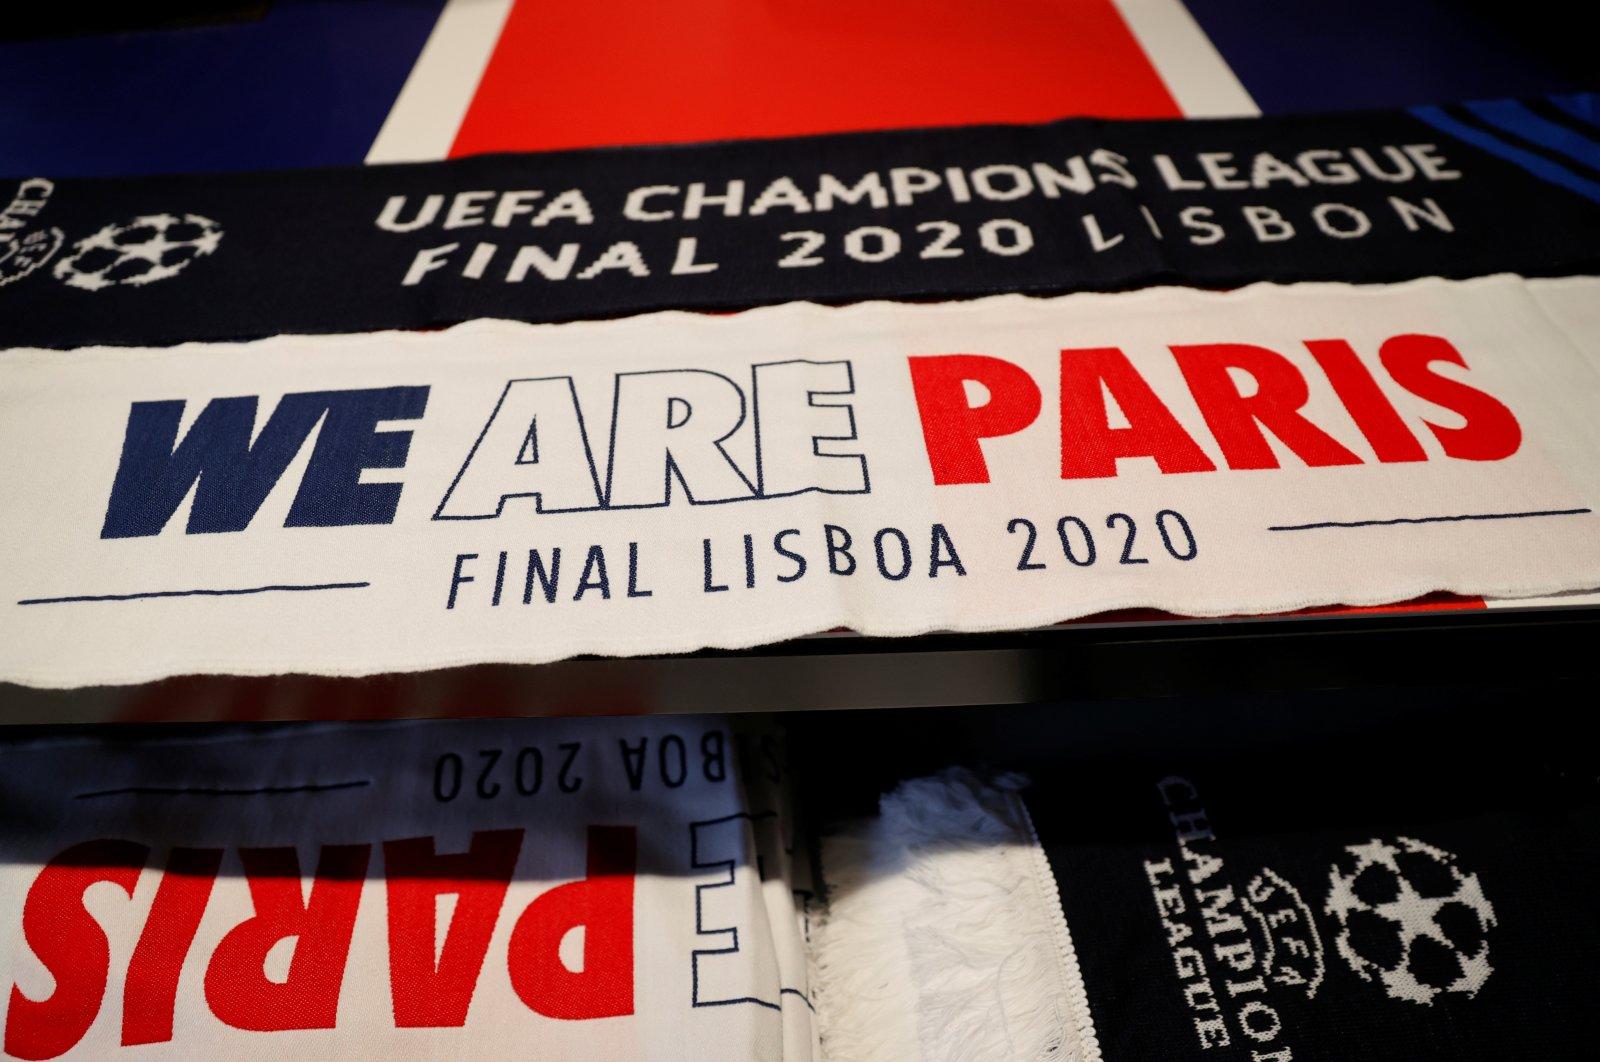 Paris Saint-Germain merchandise seen inside a PSG fan shop ahead of the Champions League final against Bayern Munich, in Paris, Aug. 22, 2020. (Reuters Photo)